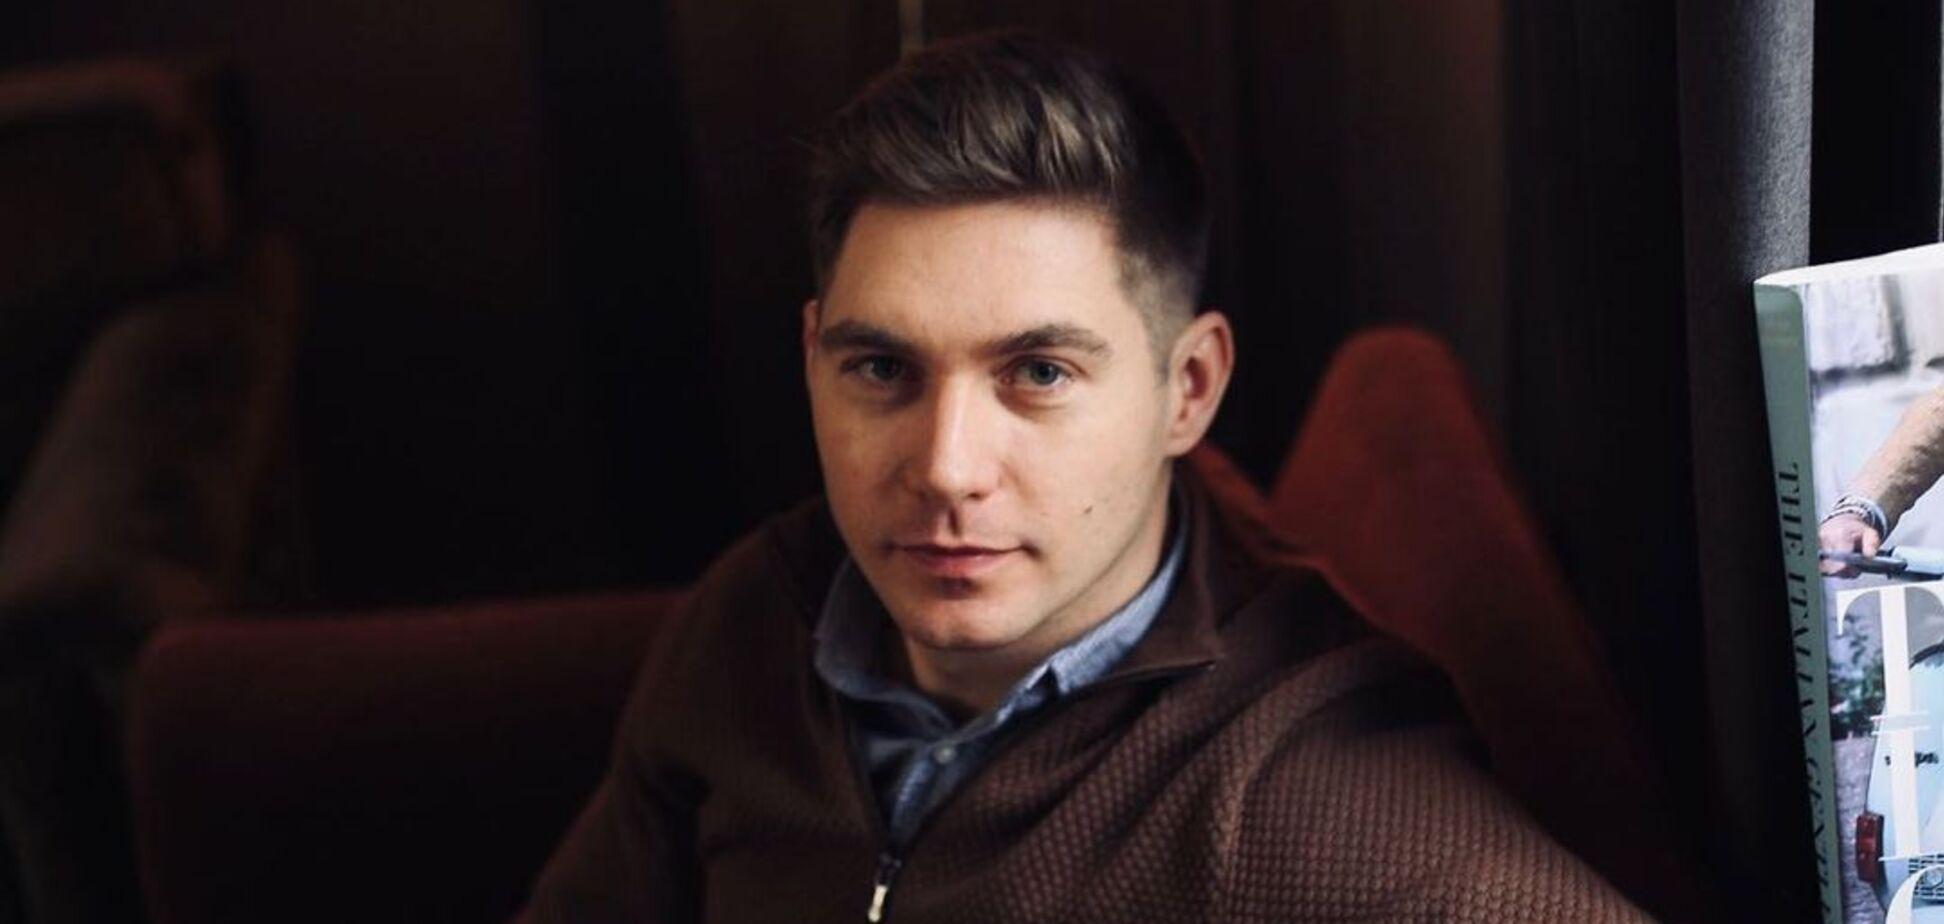 Остапчук сообщил о потере близкого человека